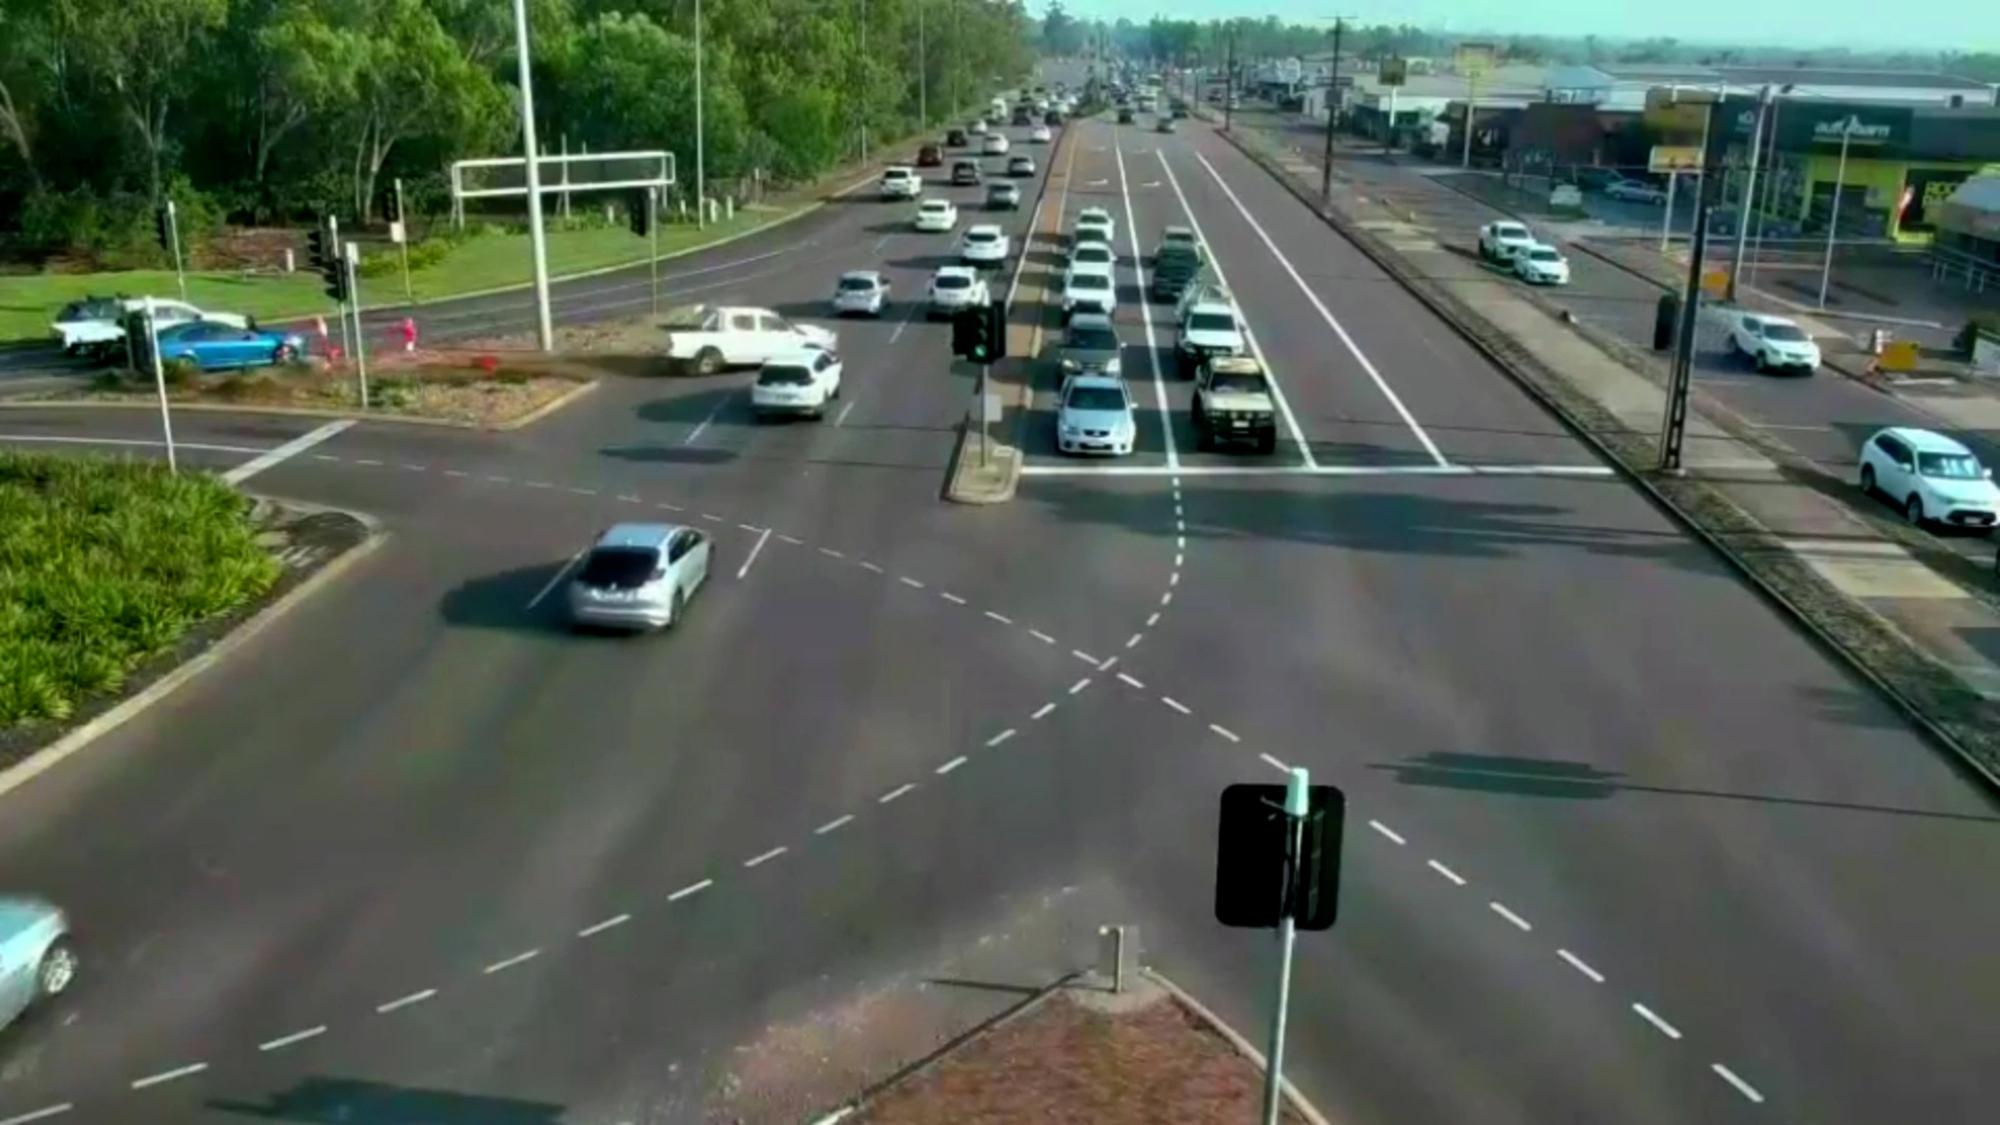 VIDEO: No es carro chocón: camioneta real se desplaza como si lo fuera, por nueve carriles de tráfico